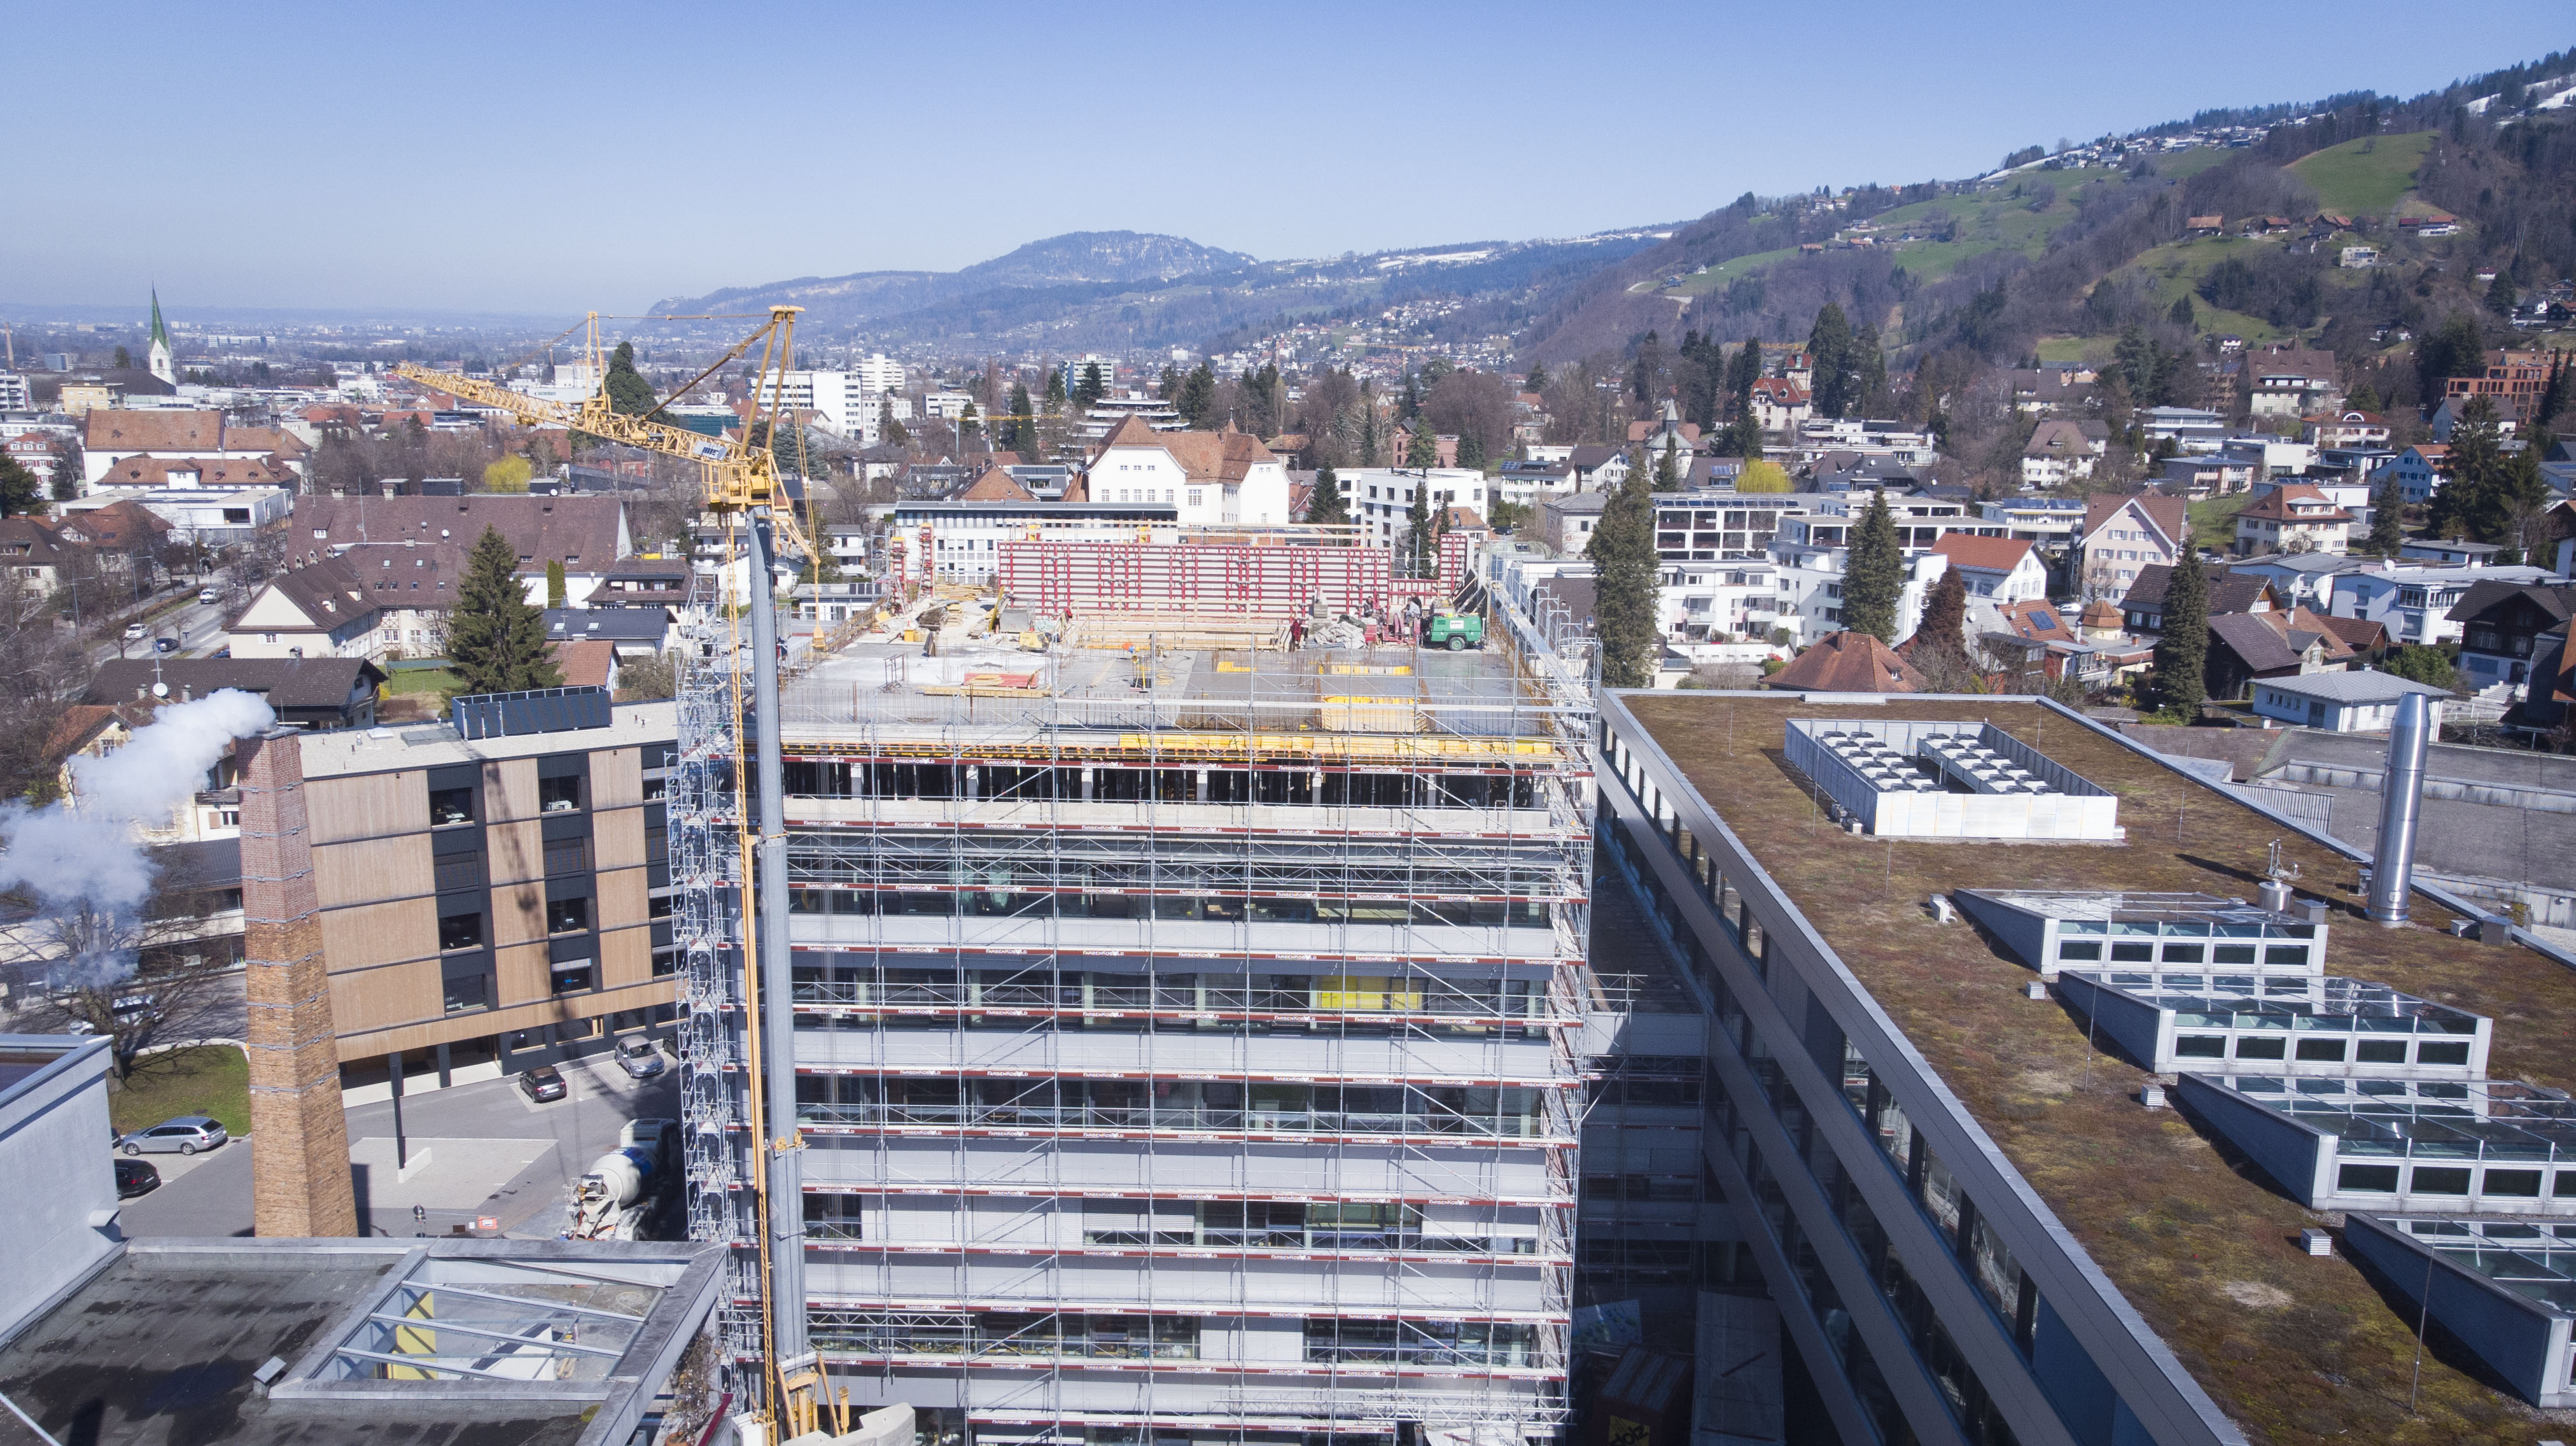 Ausbau der FH Vorarlberg voll im Zeitplan